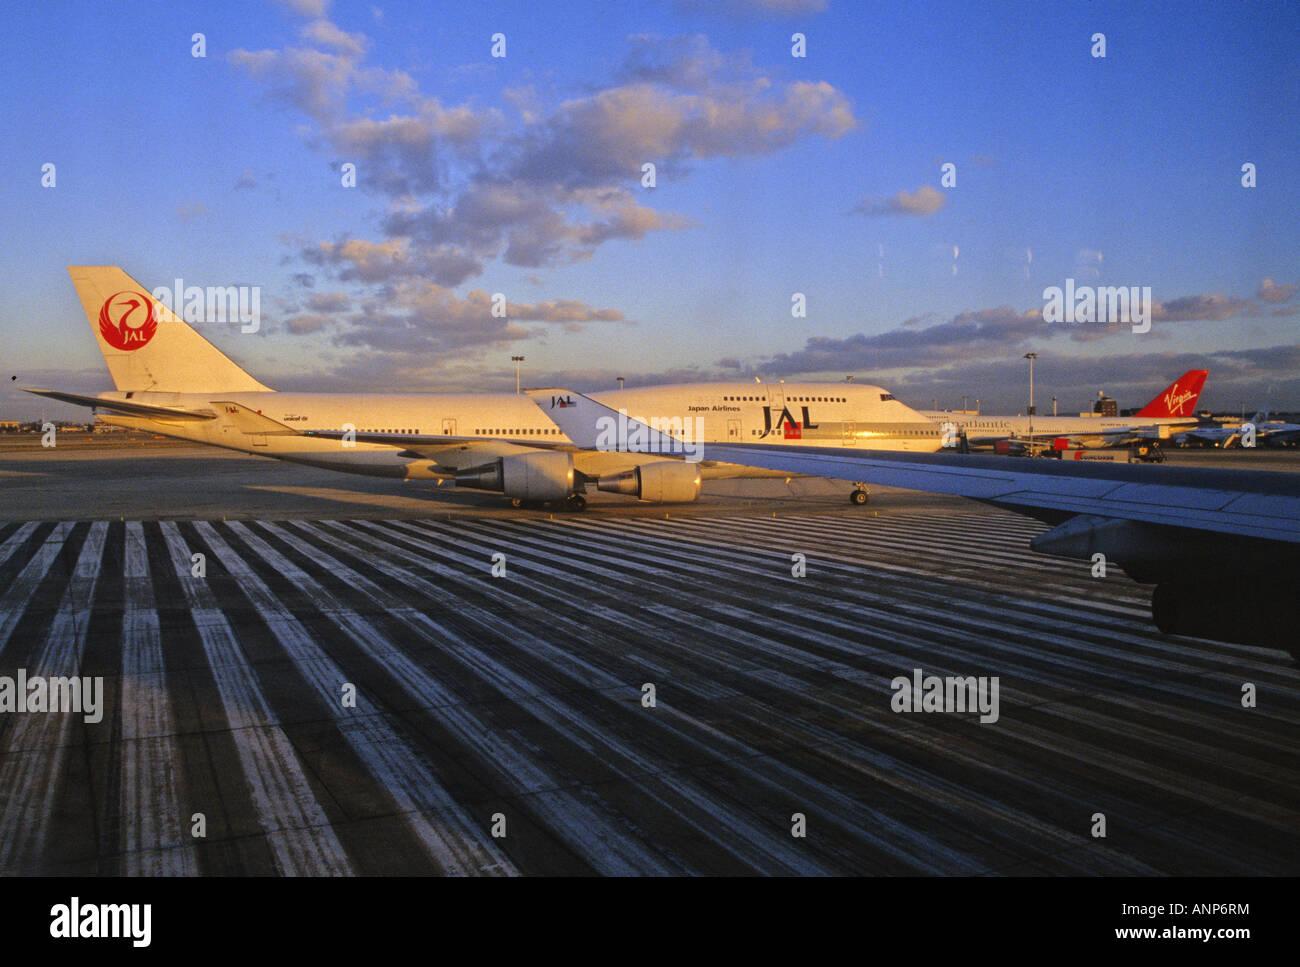 Japan Airlines Boeing Taxi Terminal London Image Gallery Airways Uk